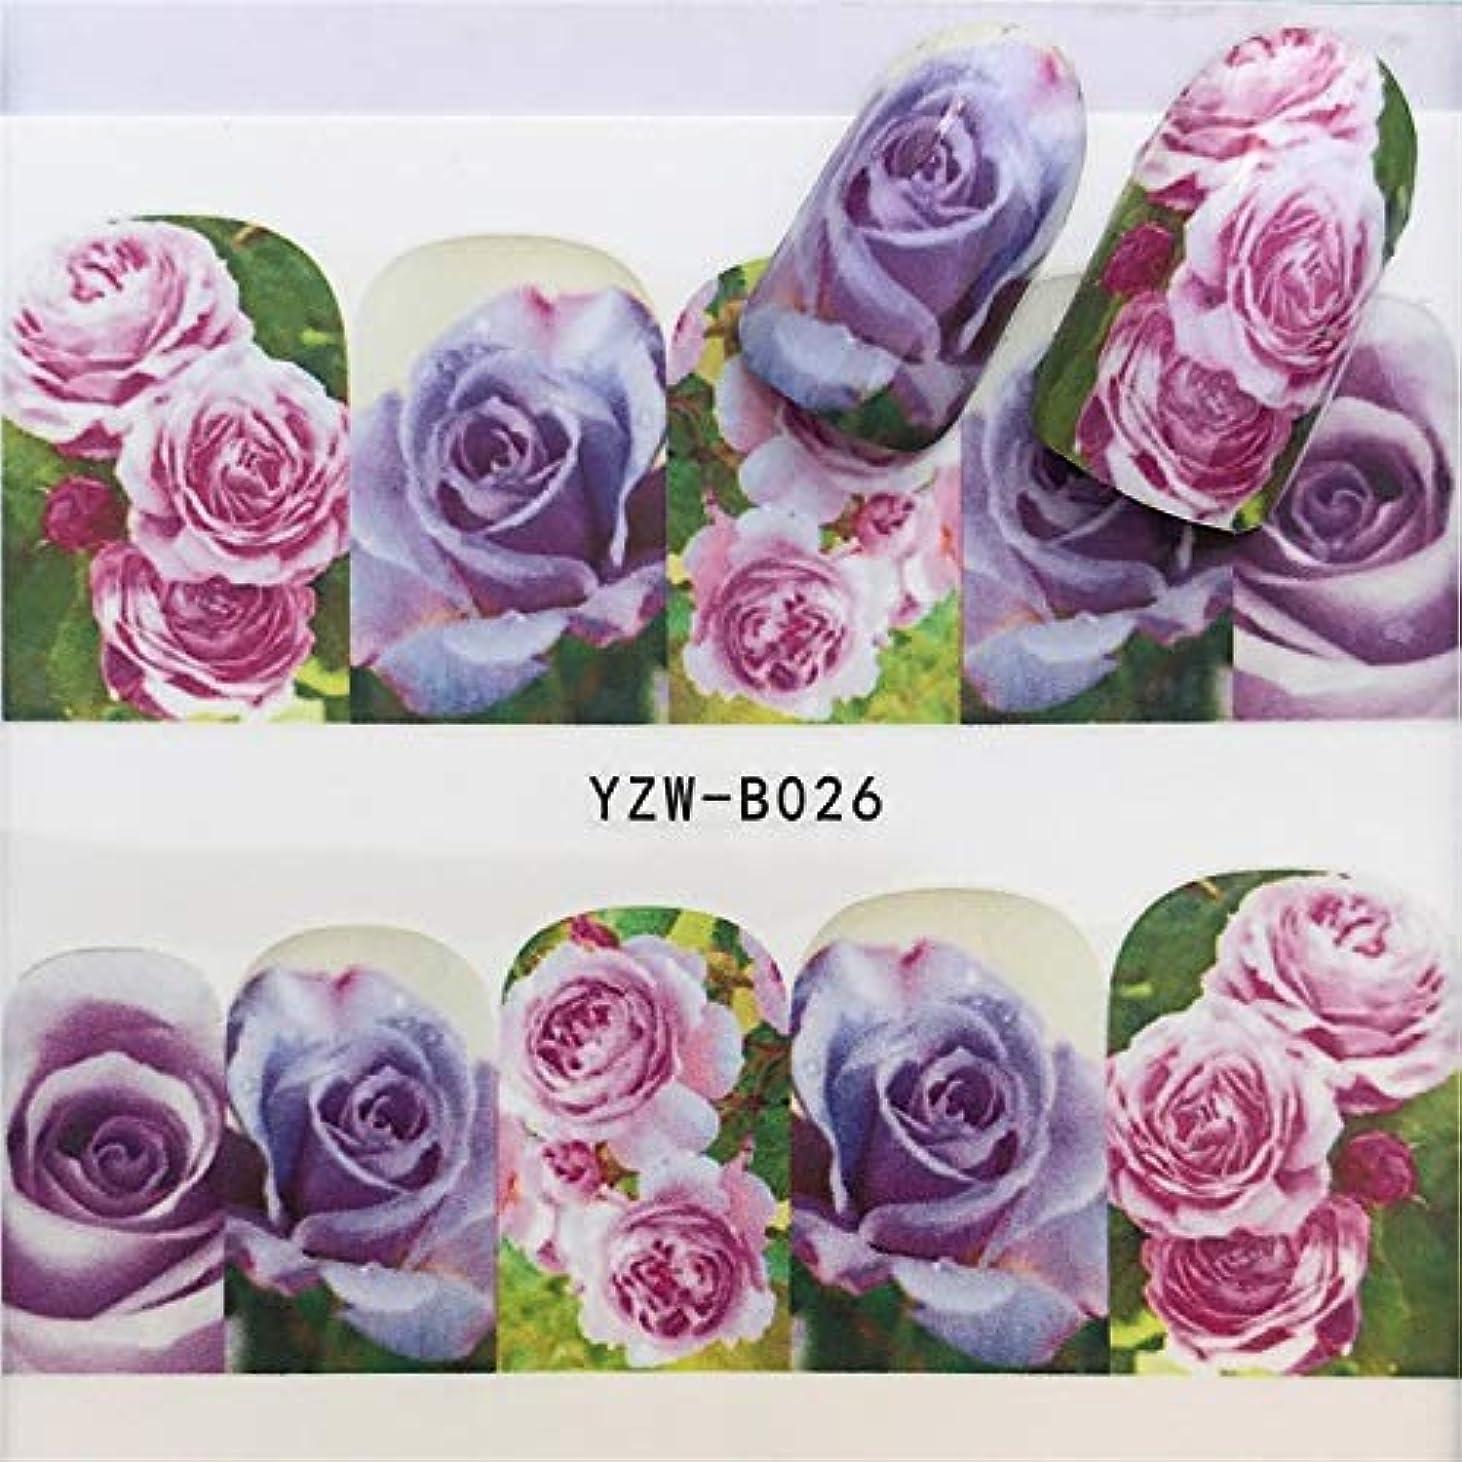 専門用語抗議ほぼYan 3個ネイルステッカーセットデカール水転写スライダーネイルアートデコレーション、色:YZWB026